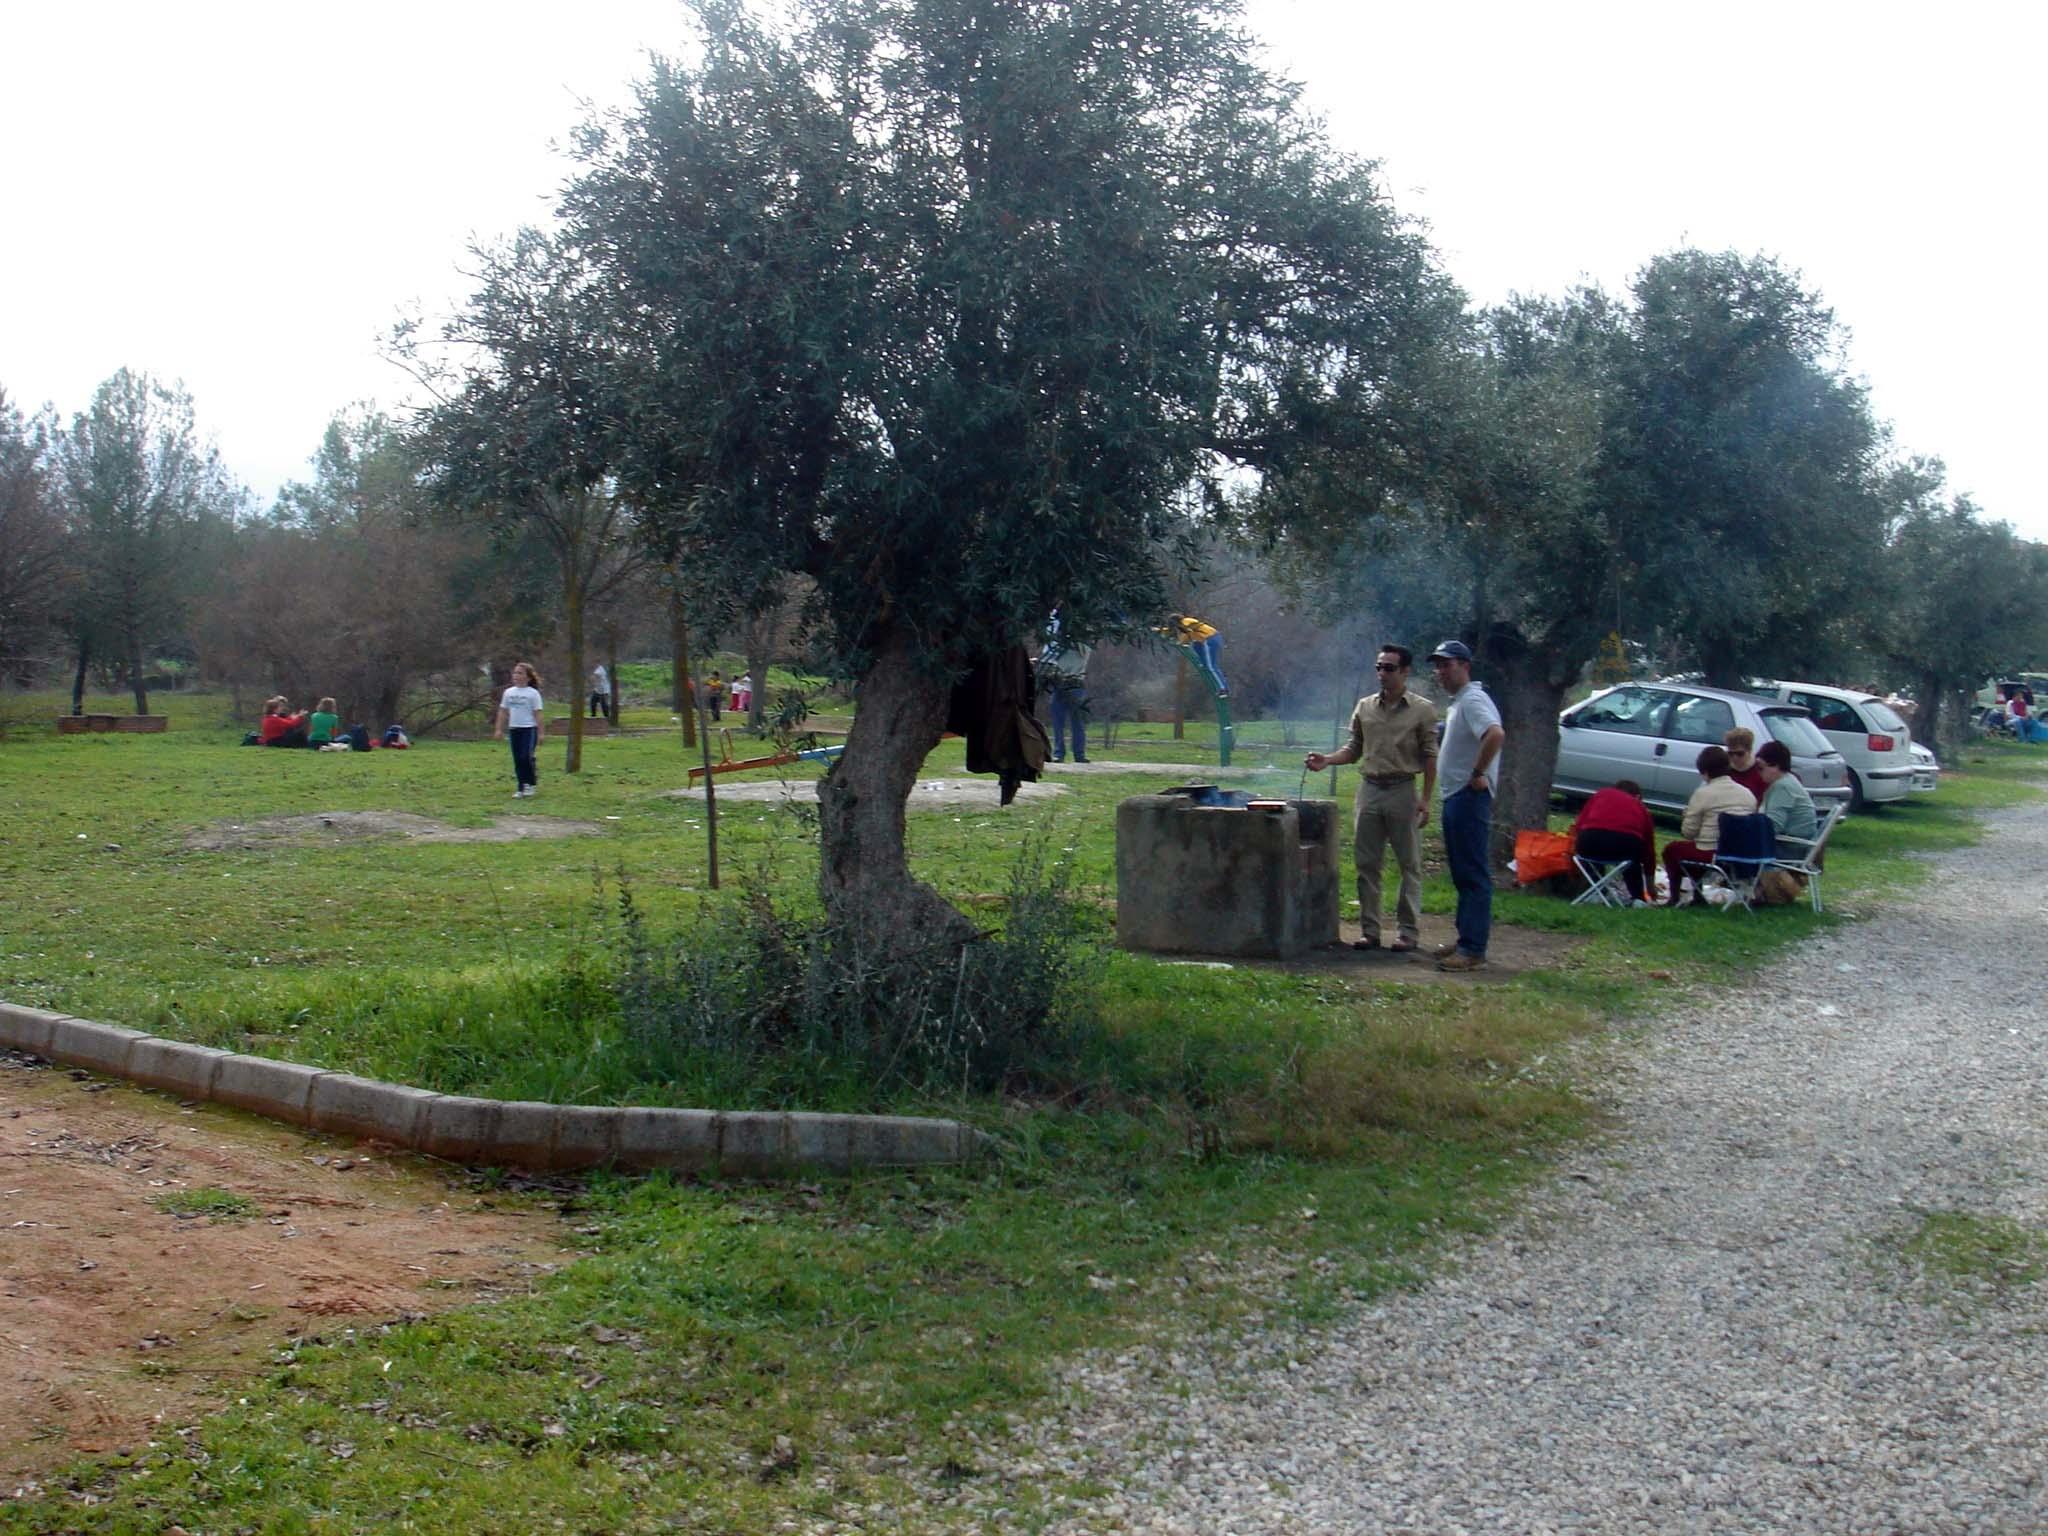 Cientos de personas  celebrarán hoy el tradicional 'Jueves Gordo' de Cúllar Vega